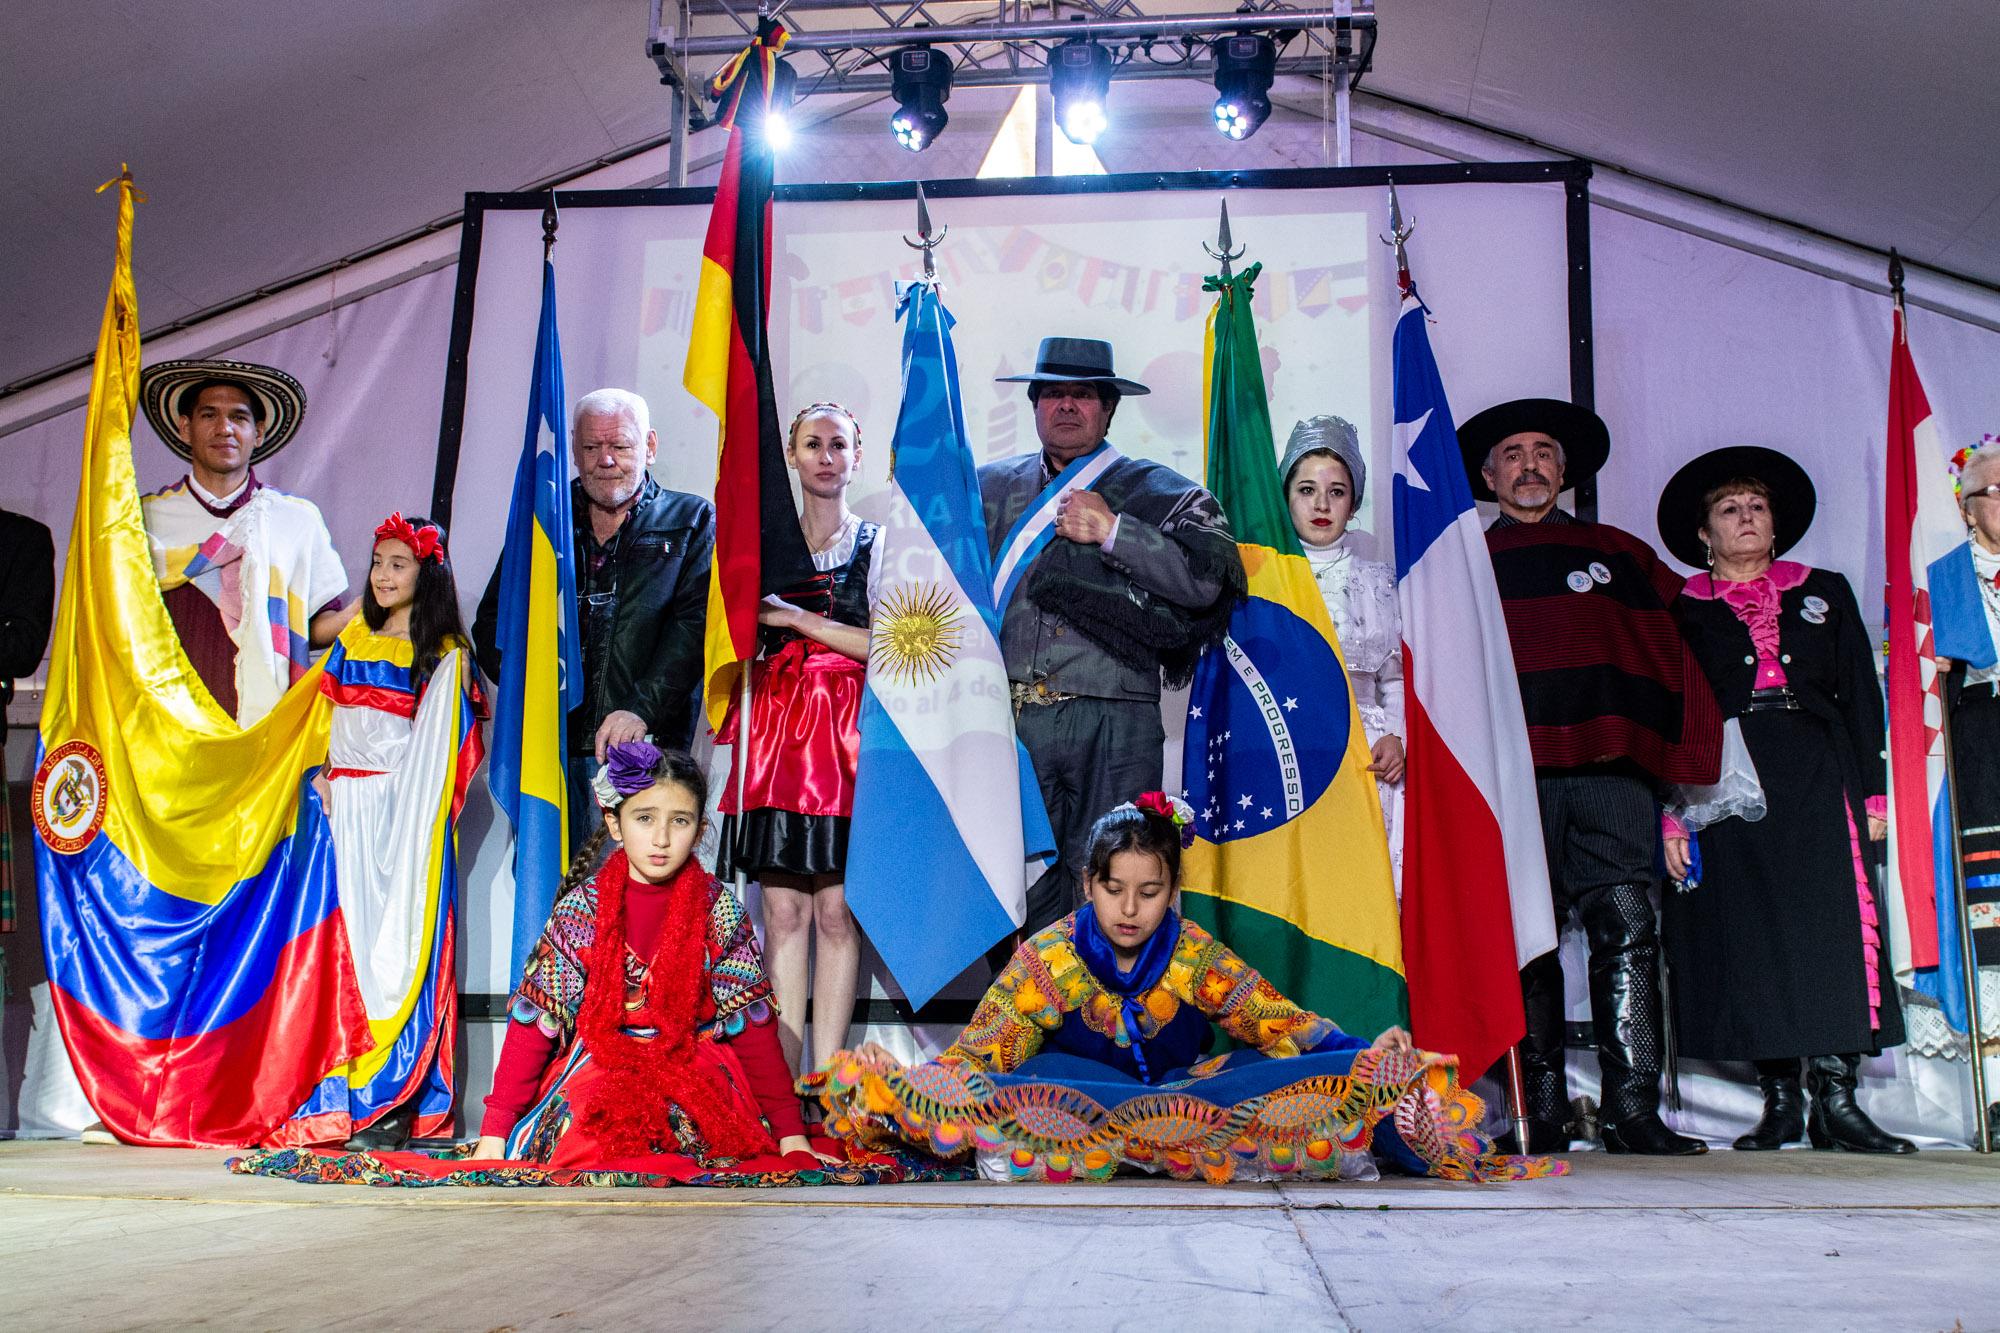 Actividades artísticas en la Feria de las Colectividades